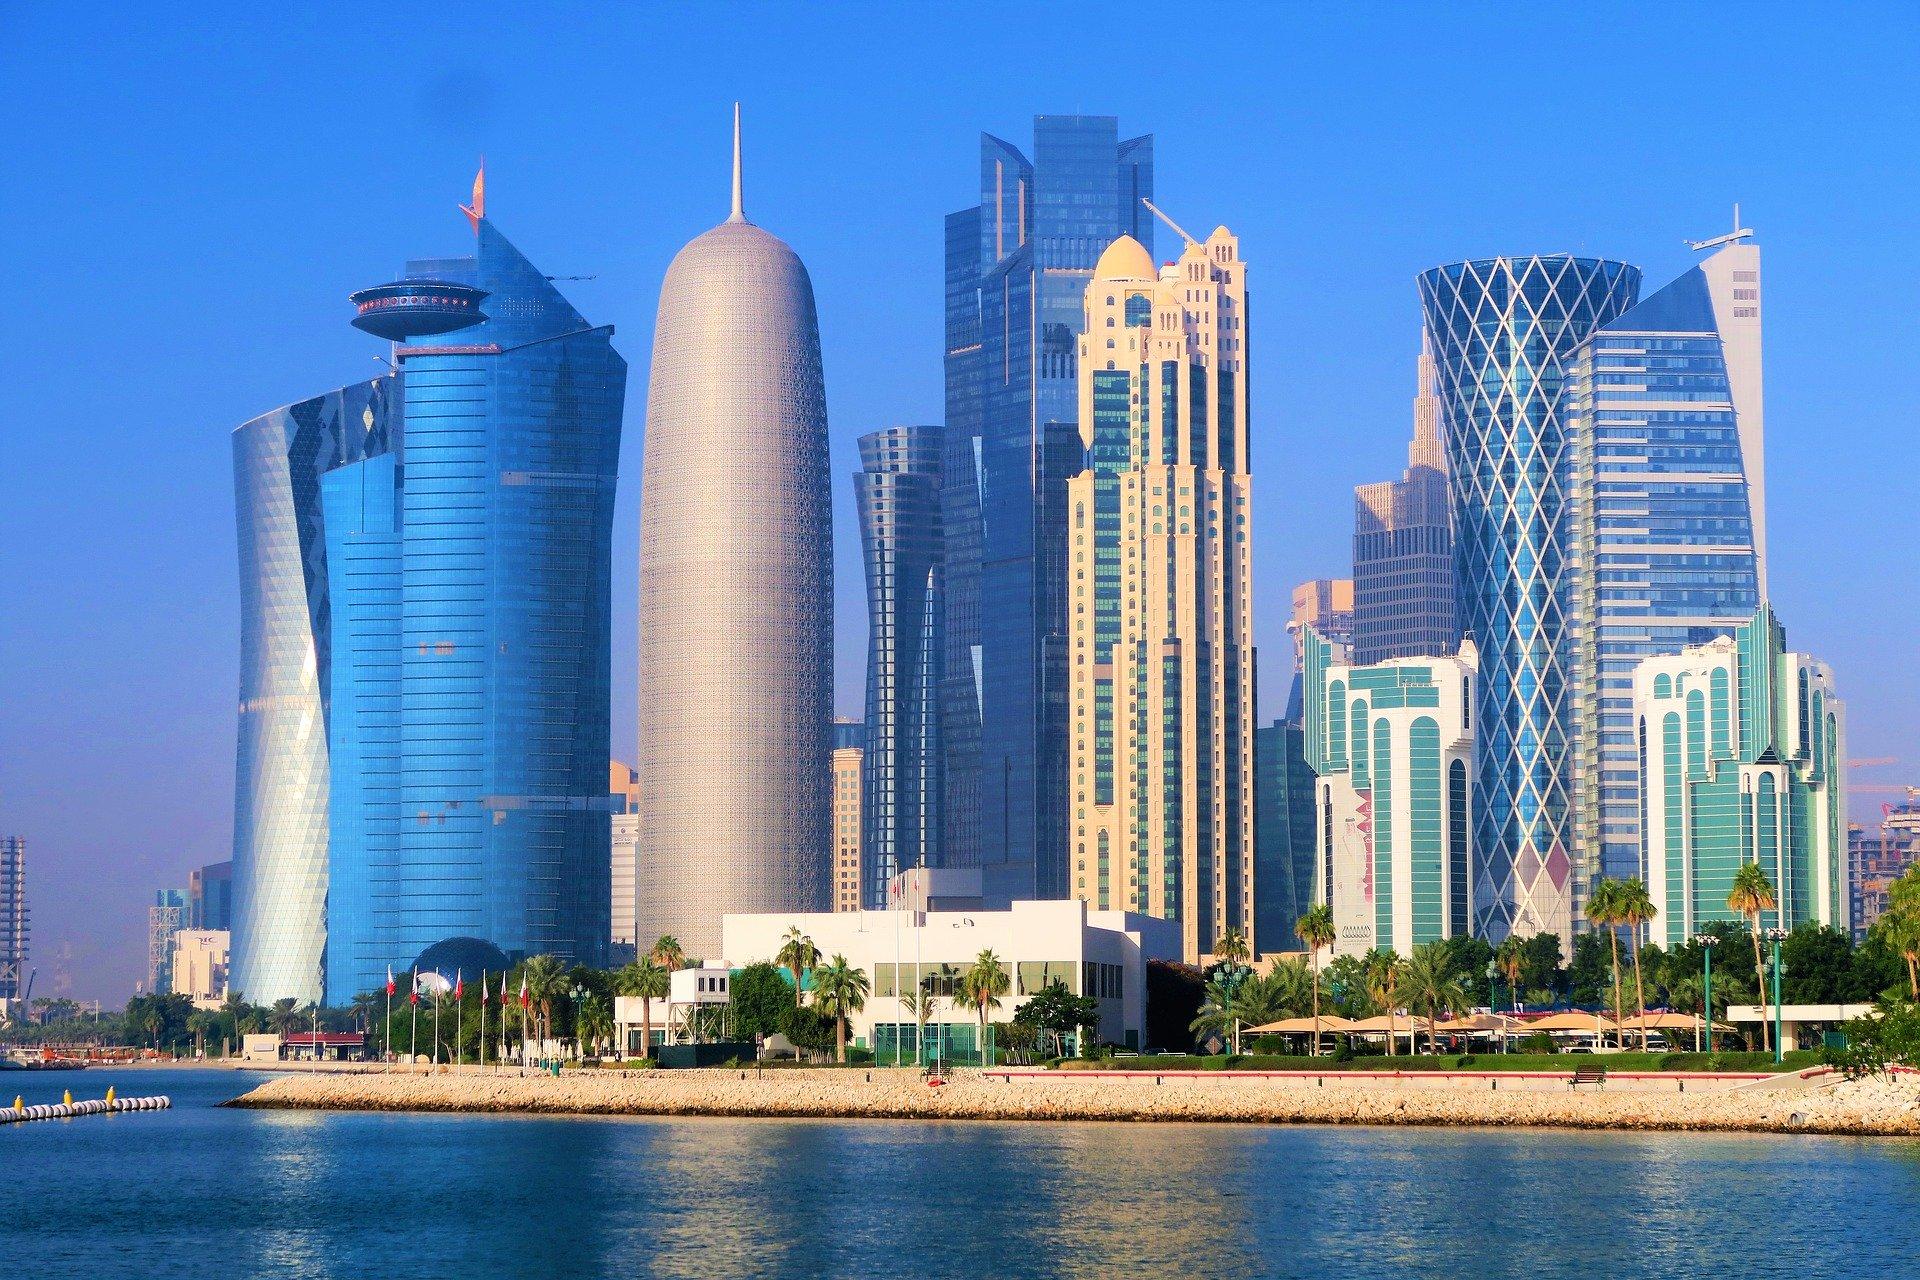 Lavorare In Qatar Architetto alla scoperta del qatar, dove lusso e tradizione si